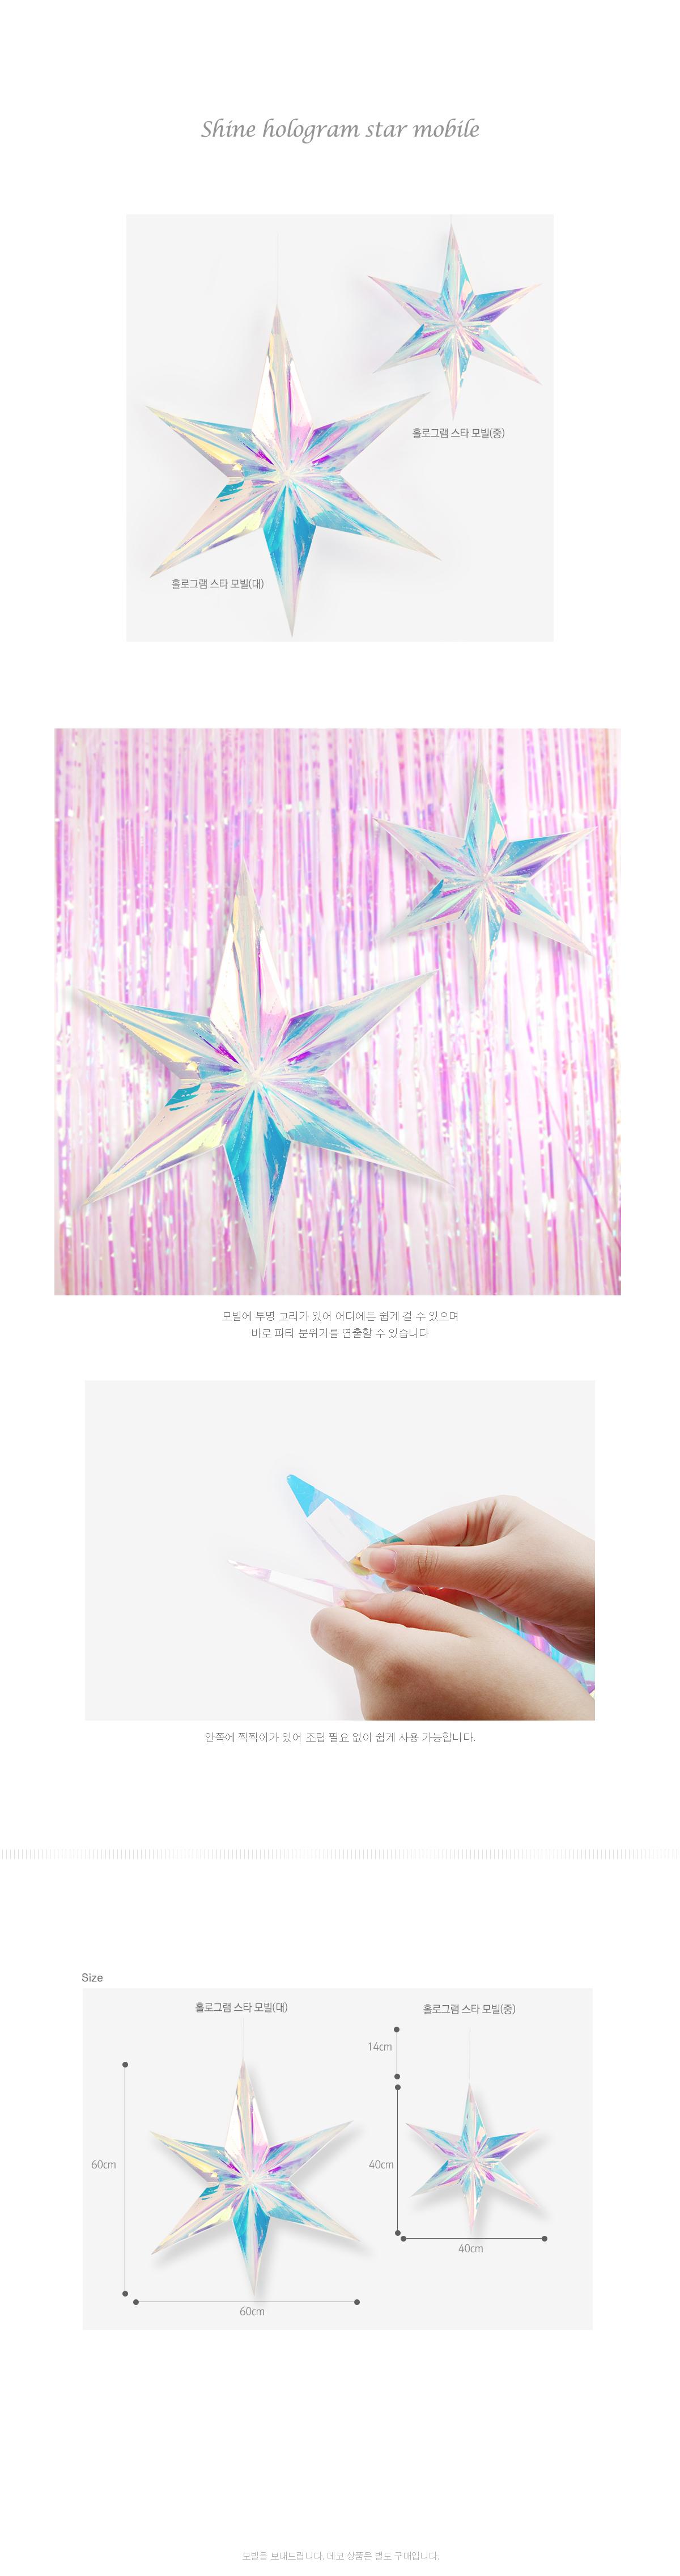 샤이니 홀로그램 스타 모빌 - 인디고샵, 4,000원, 장식/부자재, 벽장식